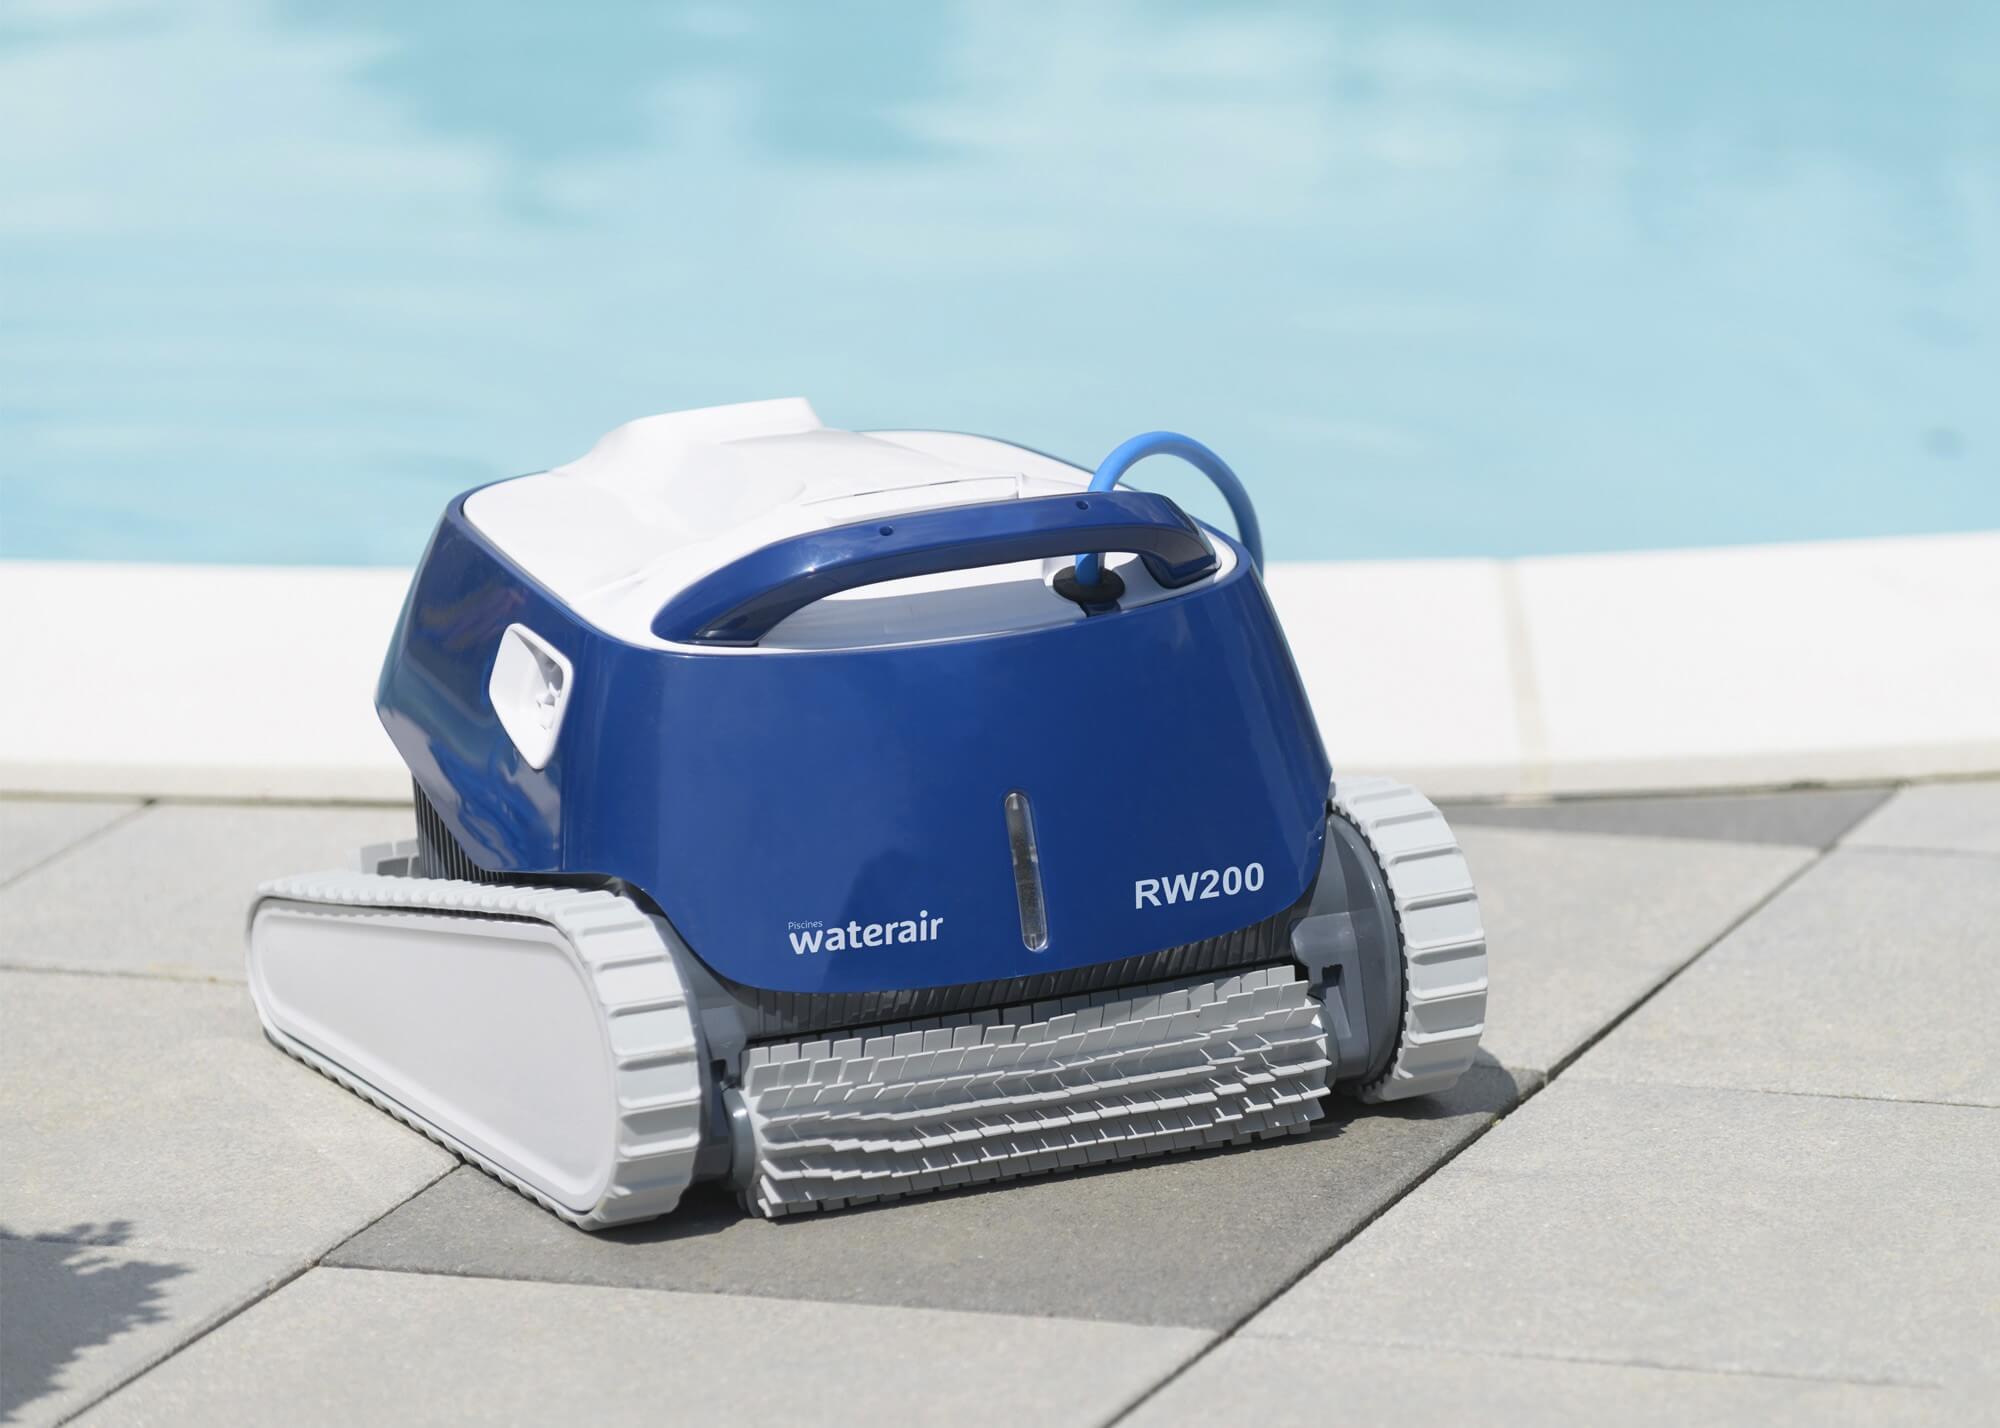 robot waterair rw200 piscines waterair